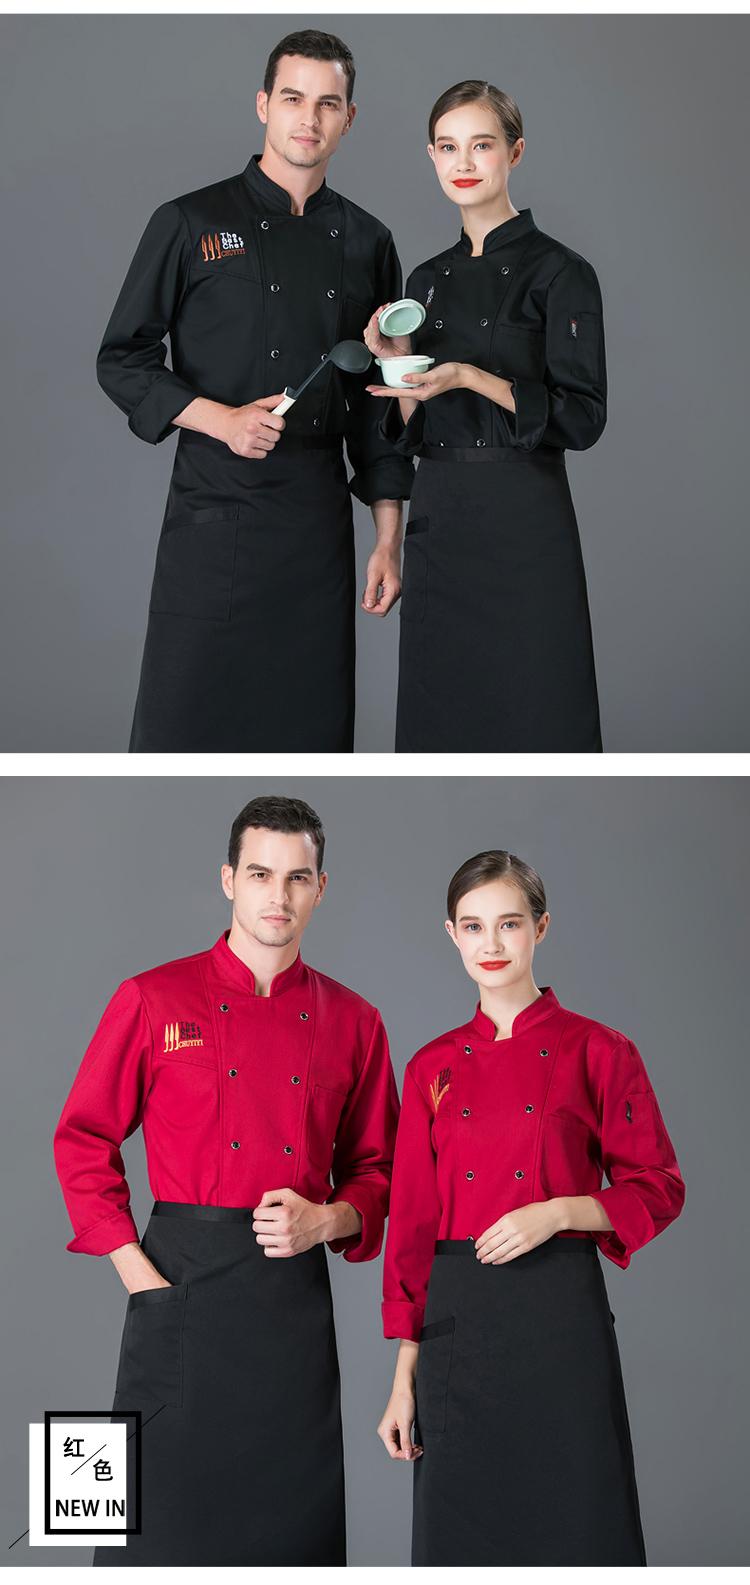 厨师工作服男长袖秋冬装中国厨房餐饮黑色长袖厨师服酒楼后厨工服